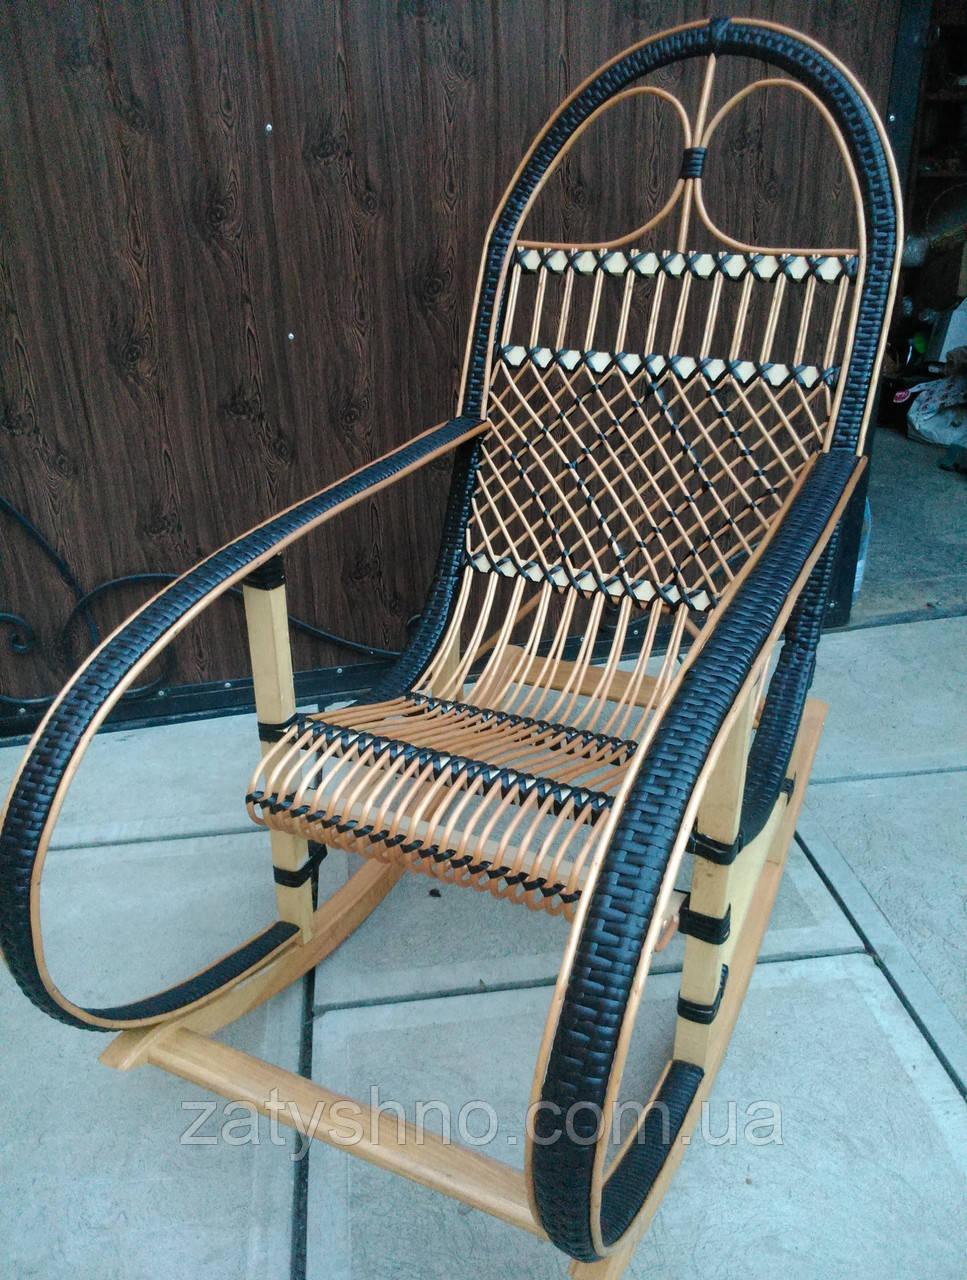 Плетеное кресло-качалка из лозы | кресло-качалка для отдыха садовая для дачи